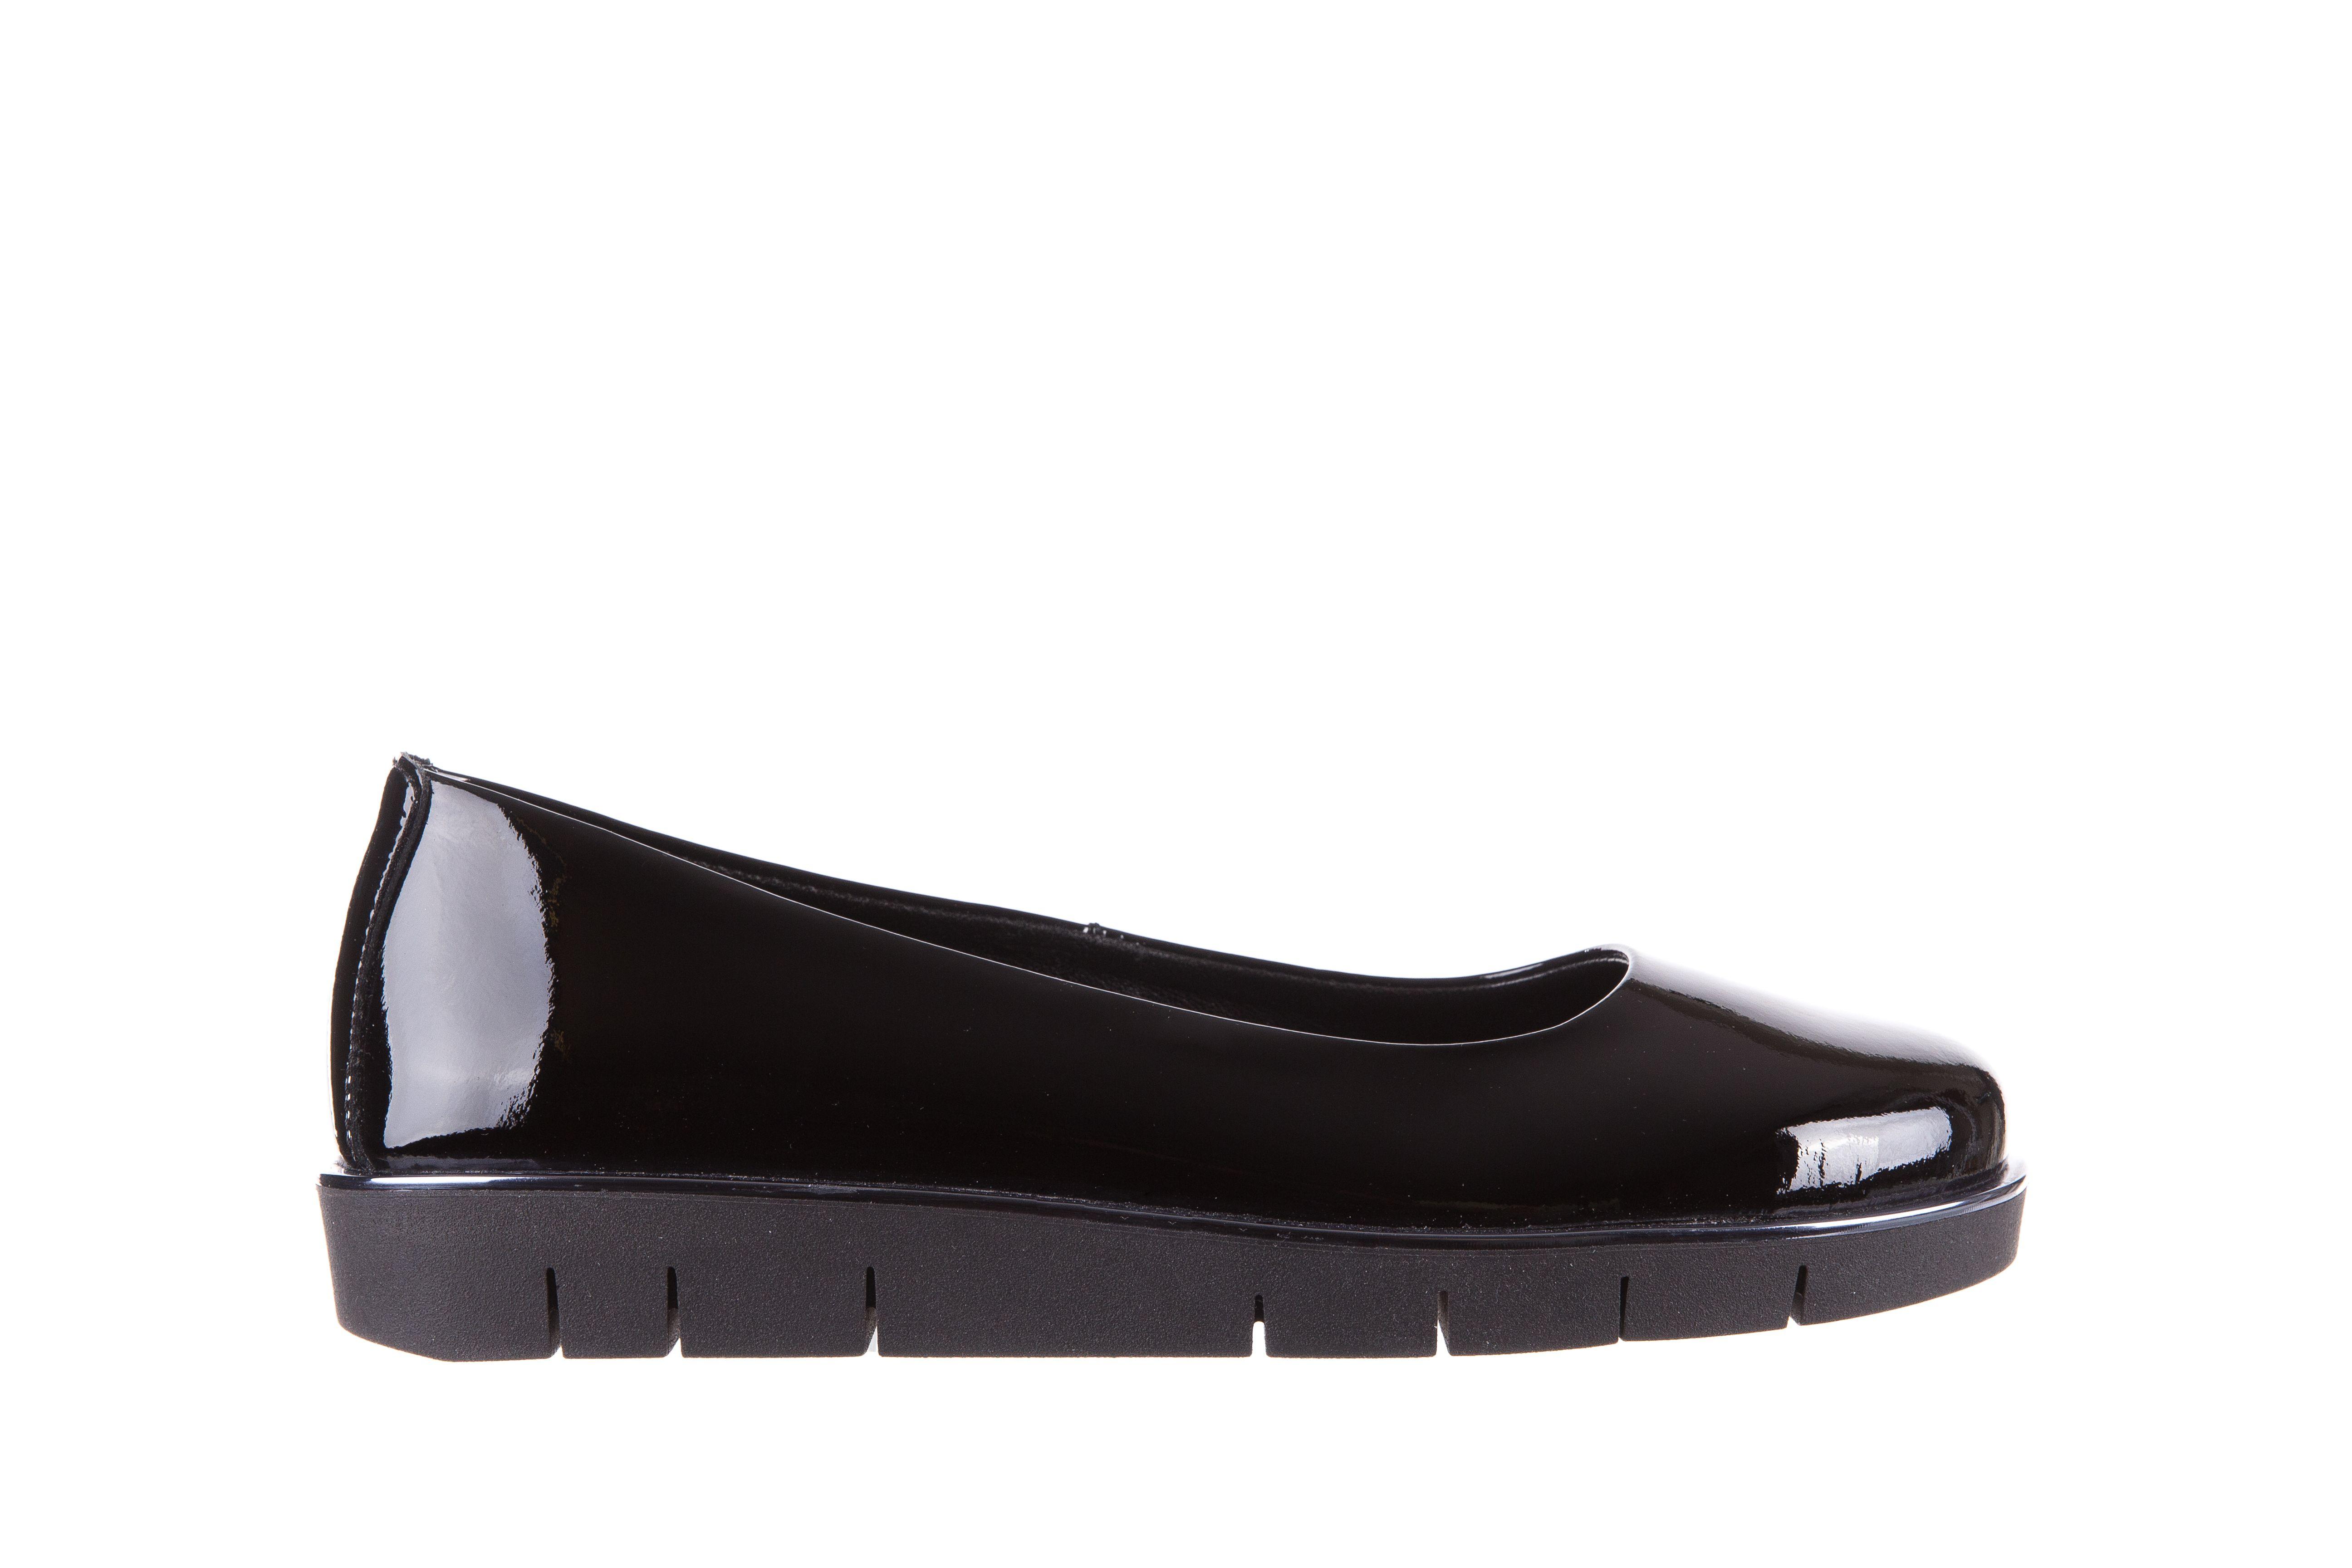 The Flexx D1039 07 Black Lakier Czarne Baleriny Wloskiej Marki The Flexx Wykonane Z Lakierowanej Skory Naturalnej Na Grubszej Podeszwie Shoes Flats Fashion